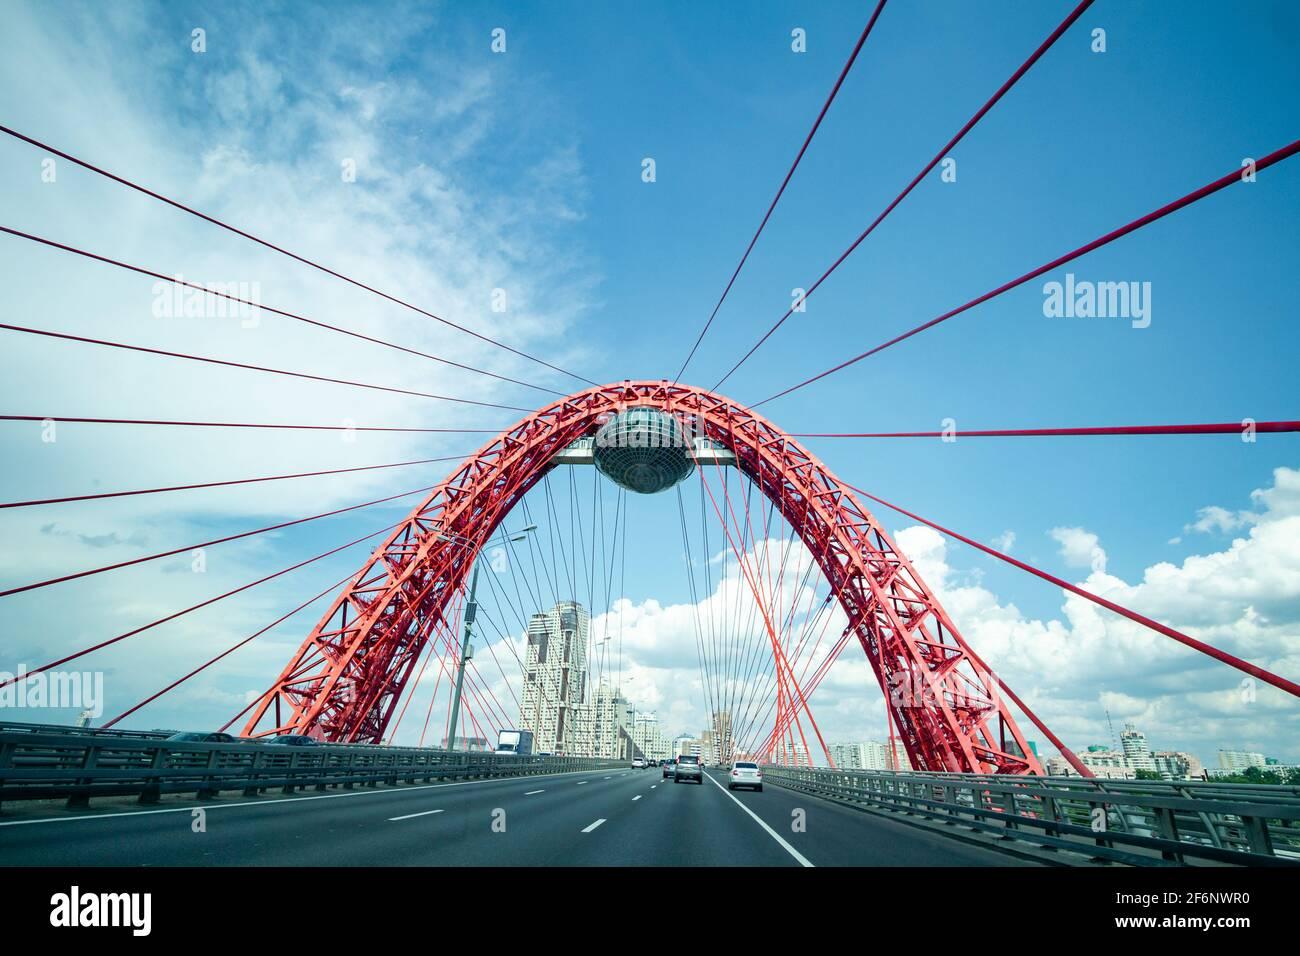 Mosca, Russia - 12 luglio 2020: Ponte rosso a Mosca con cavo. Struttura tecnica unica. Foto Stock